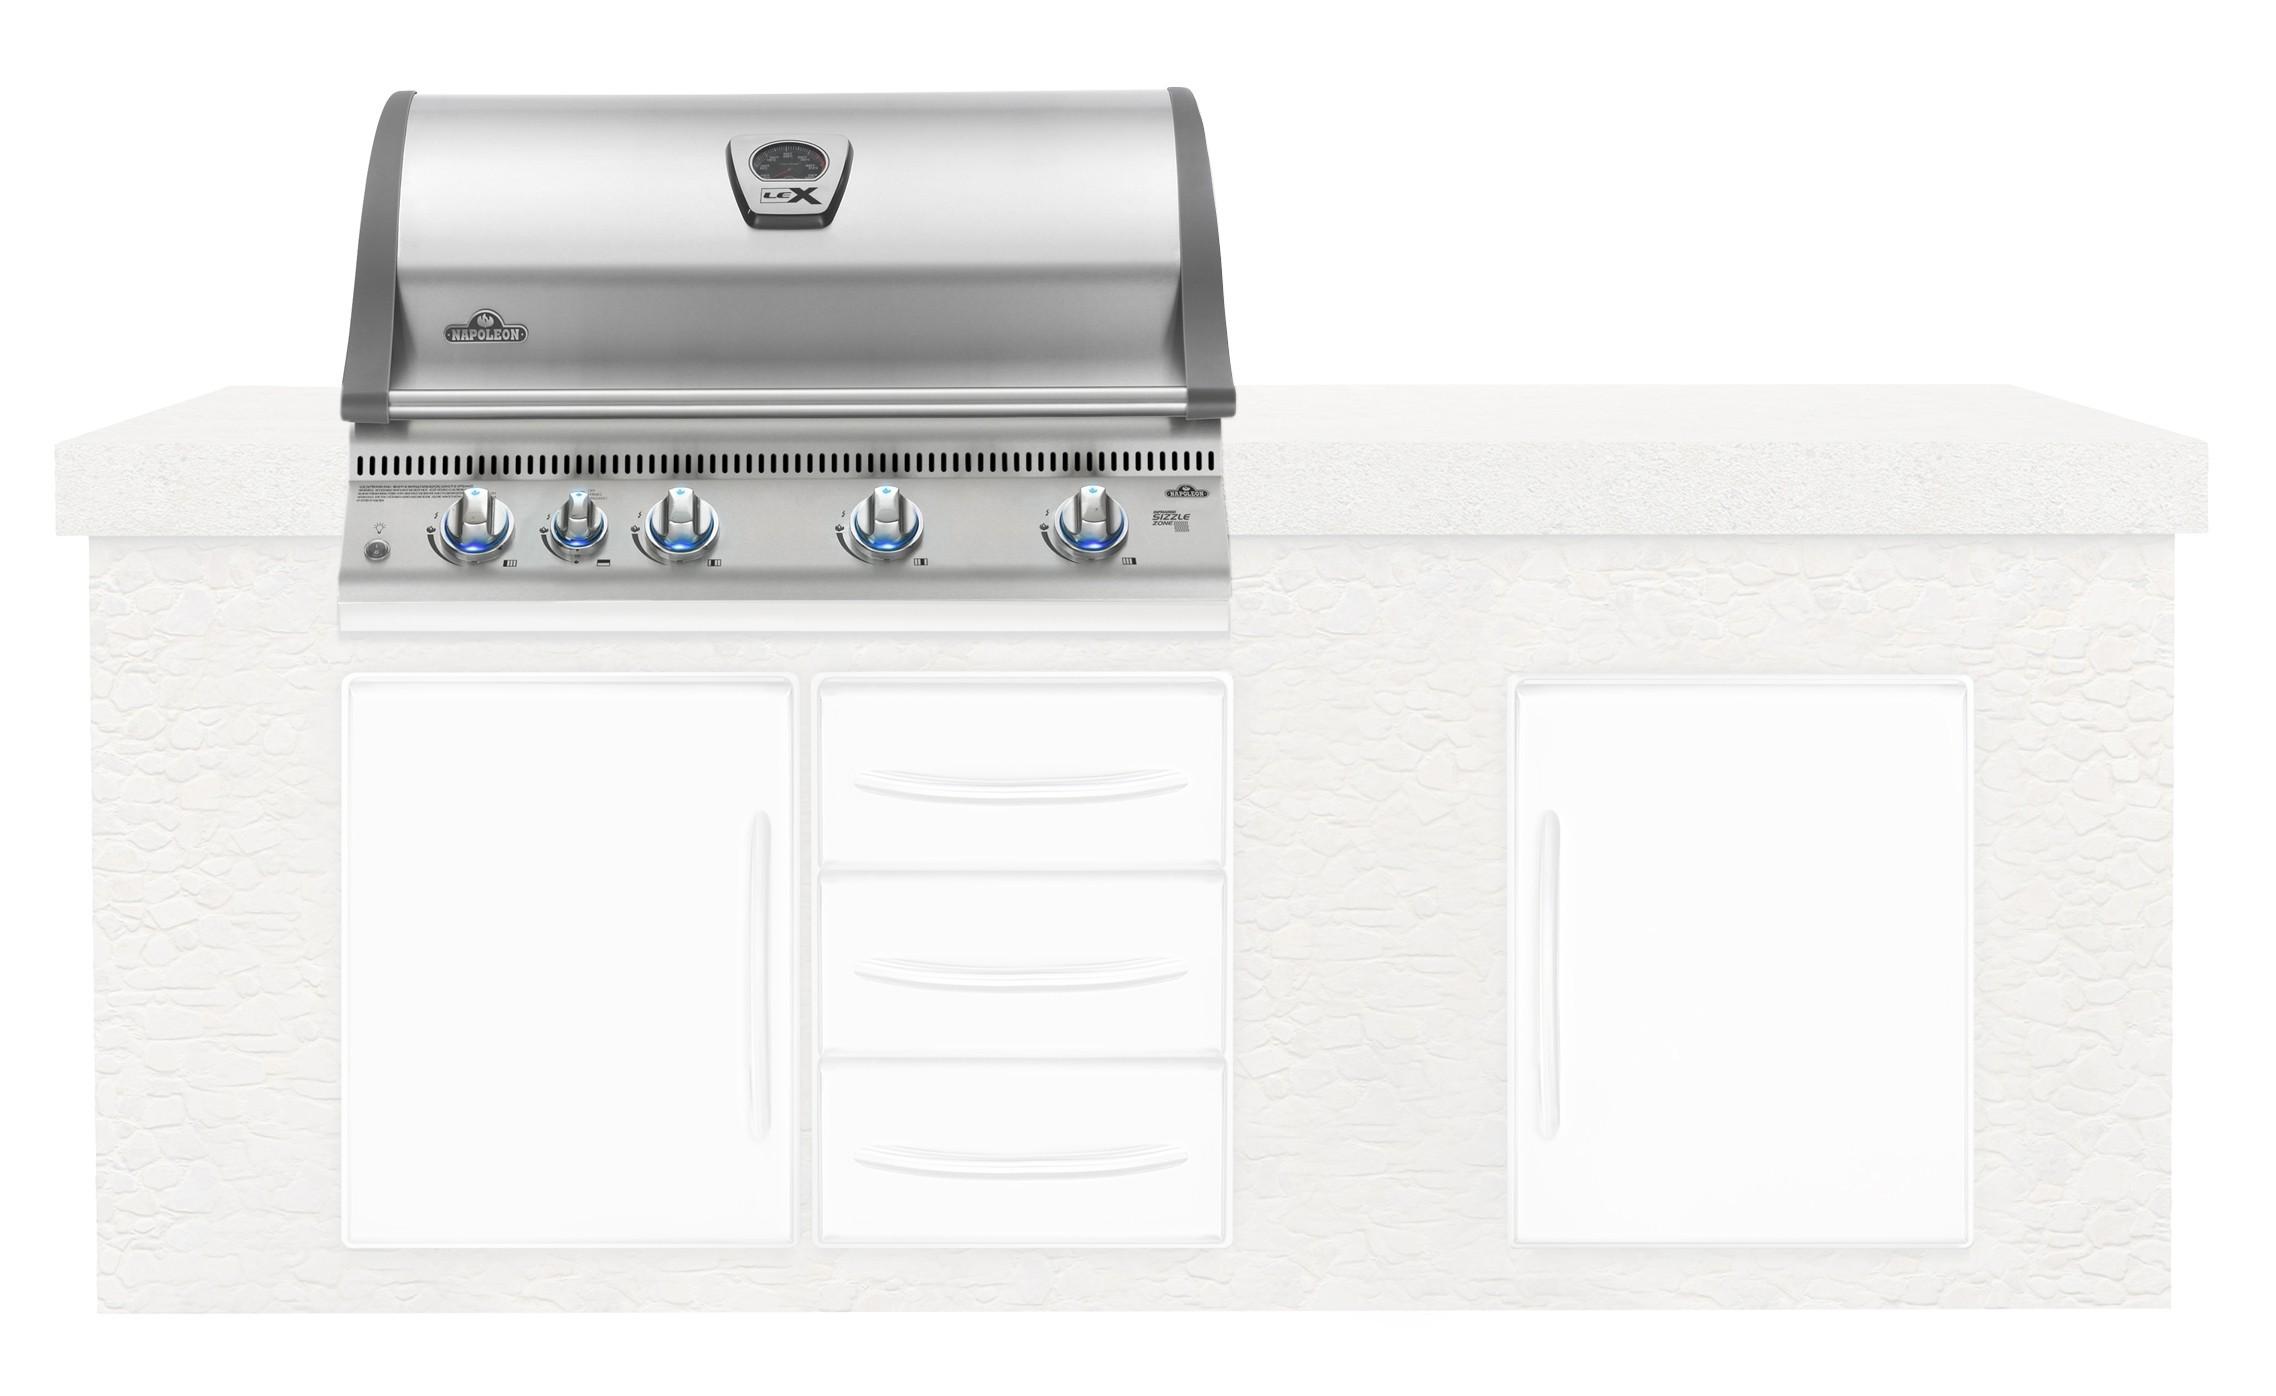 Türen Und Schubladen Für Die Außenküche : Außenküche einbau grillaufsatz napoleon oasis infrarot bilex605rbi